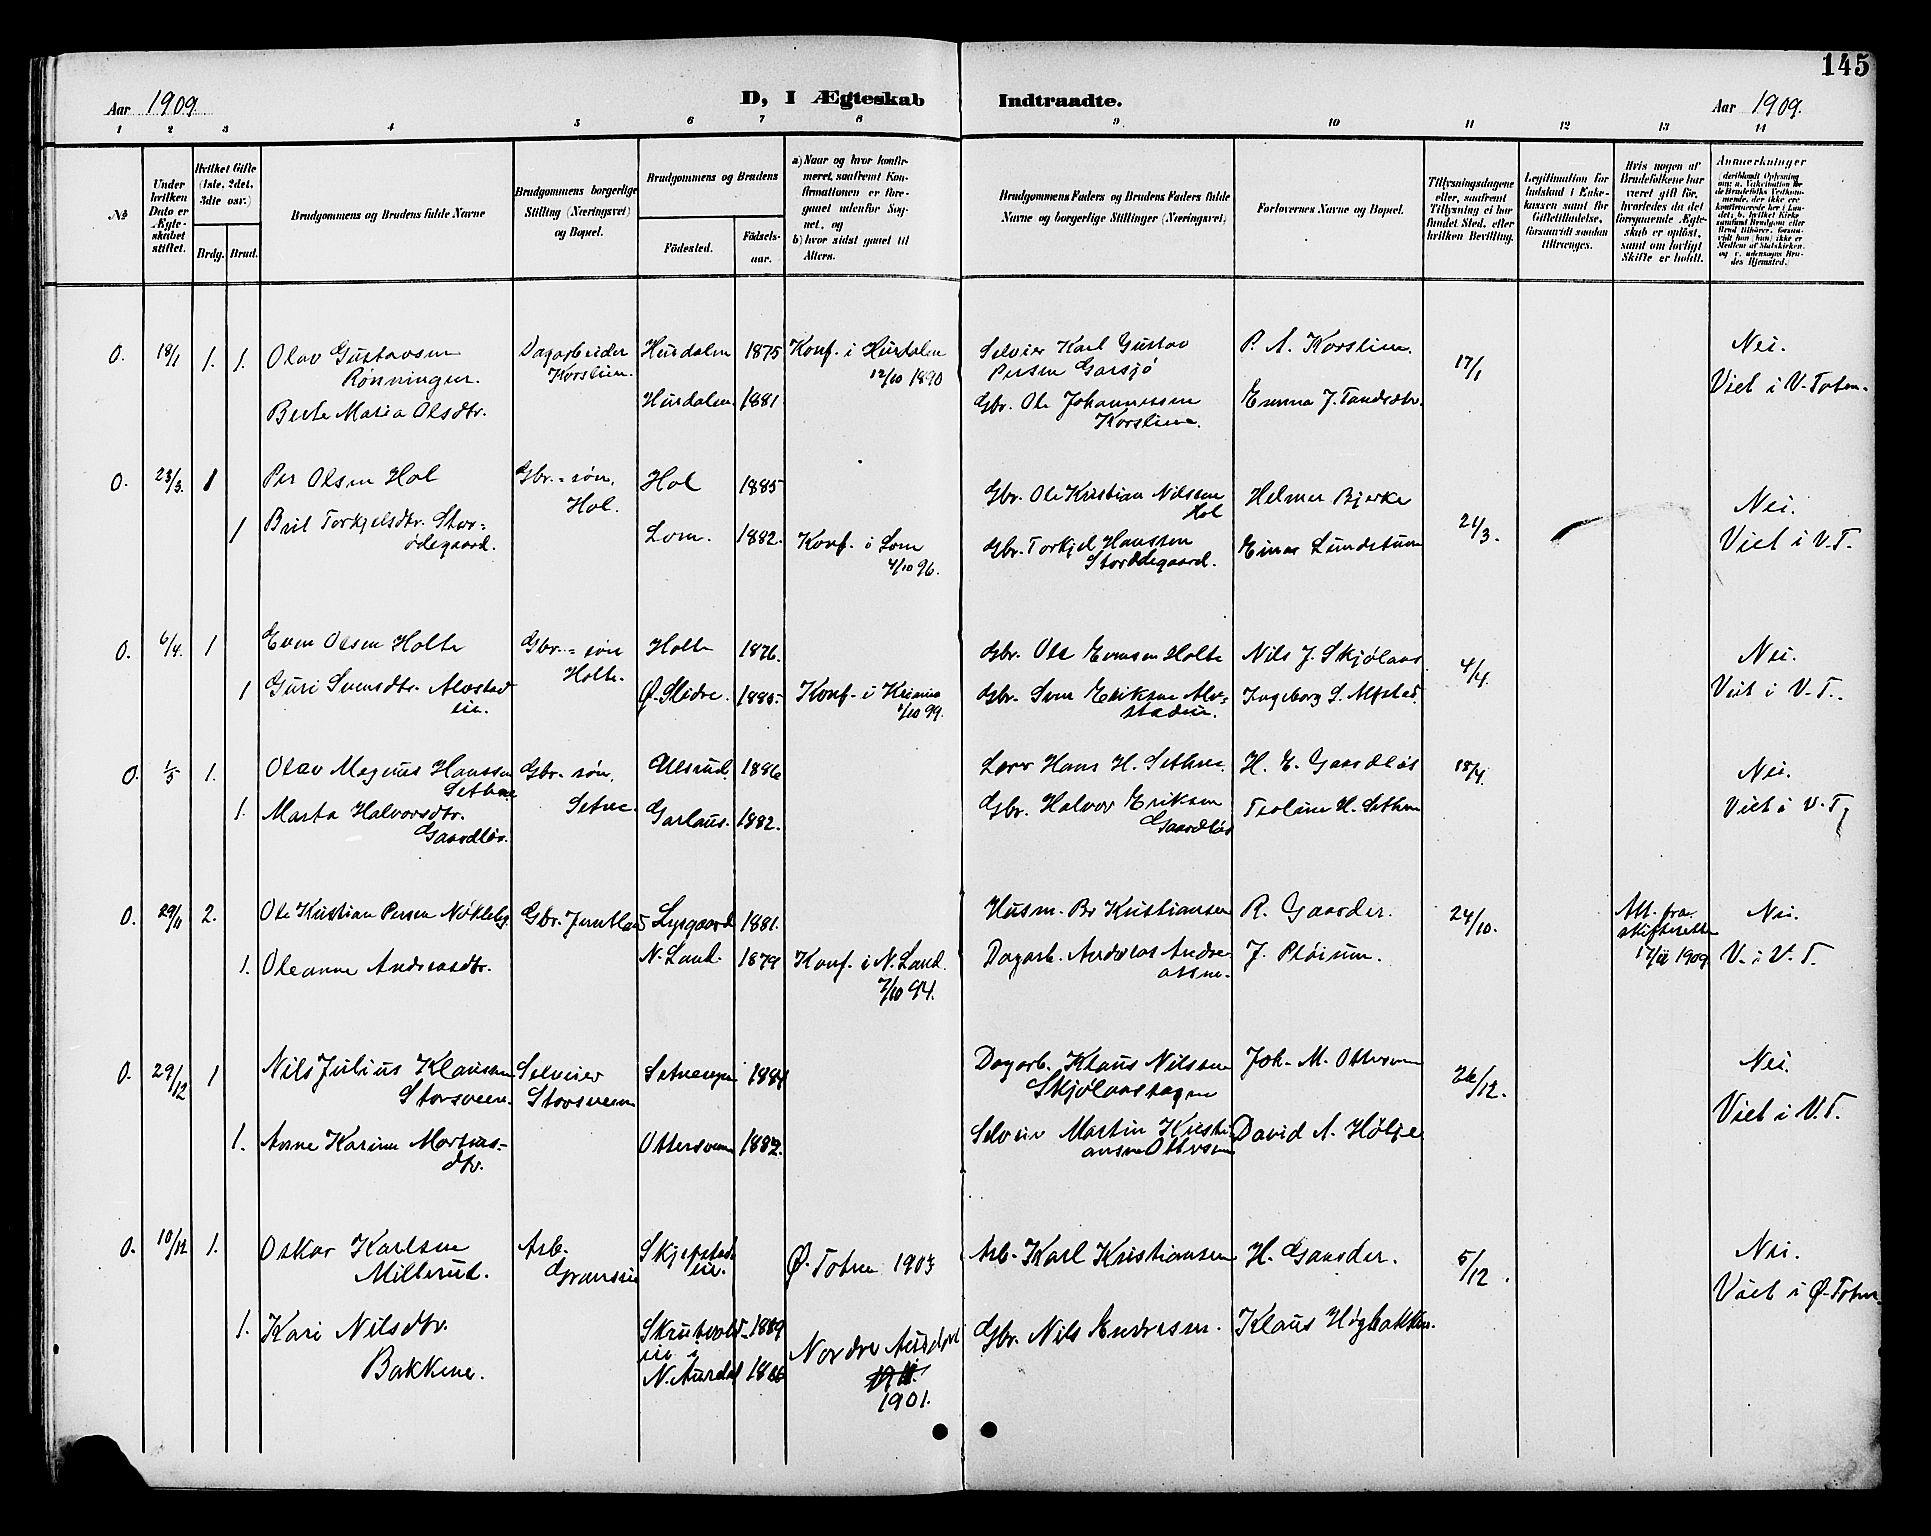 SAH, Vestre Toten prestekontor, H/Ha/Hab/L0011: Klokkerbok nr. 11, 1901-1911, s. 145